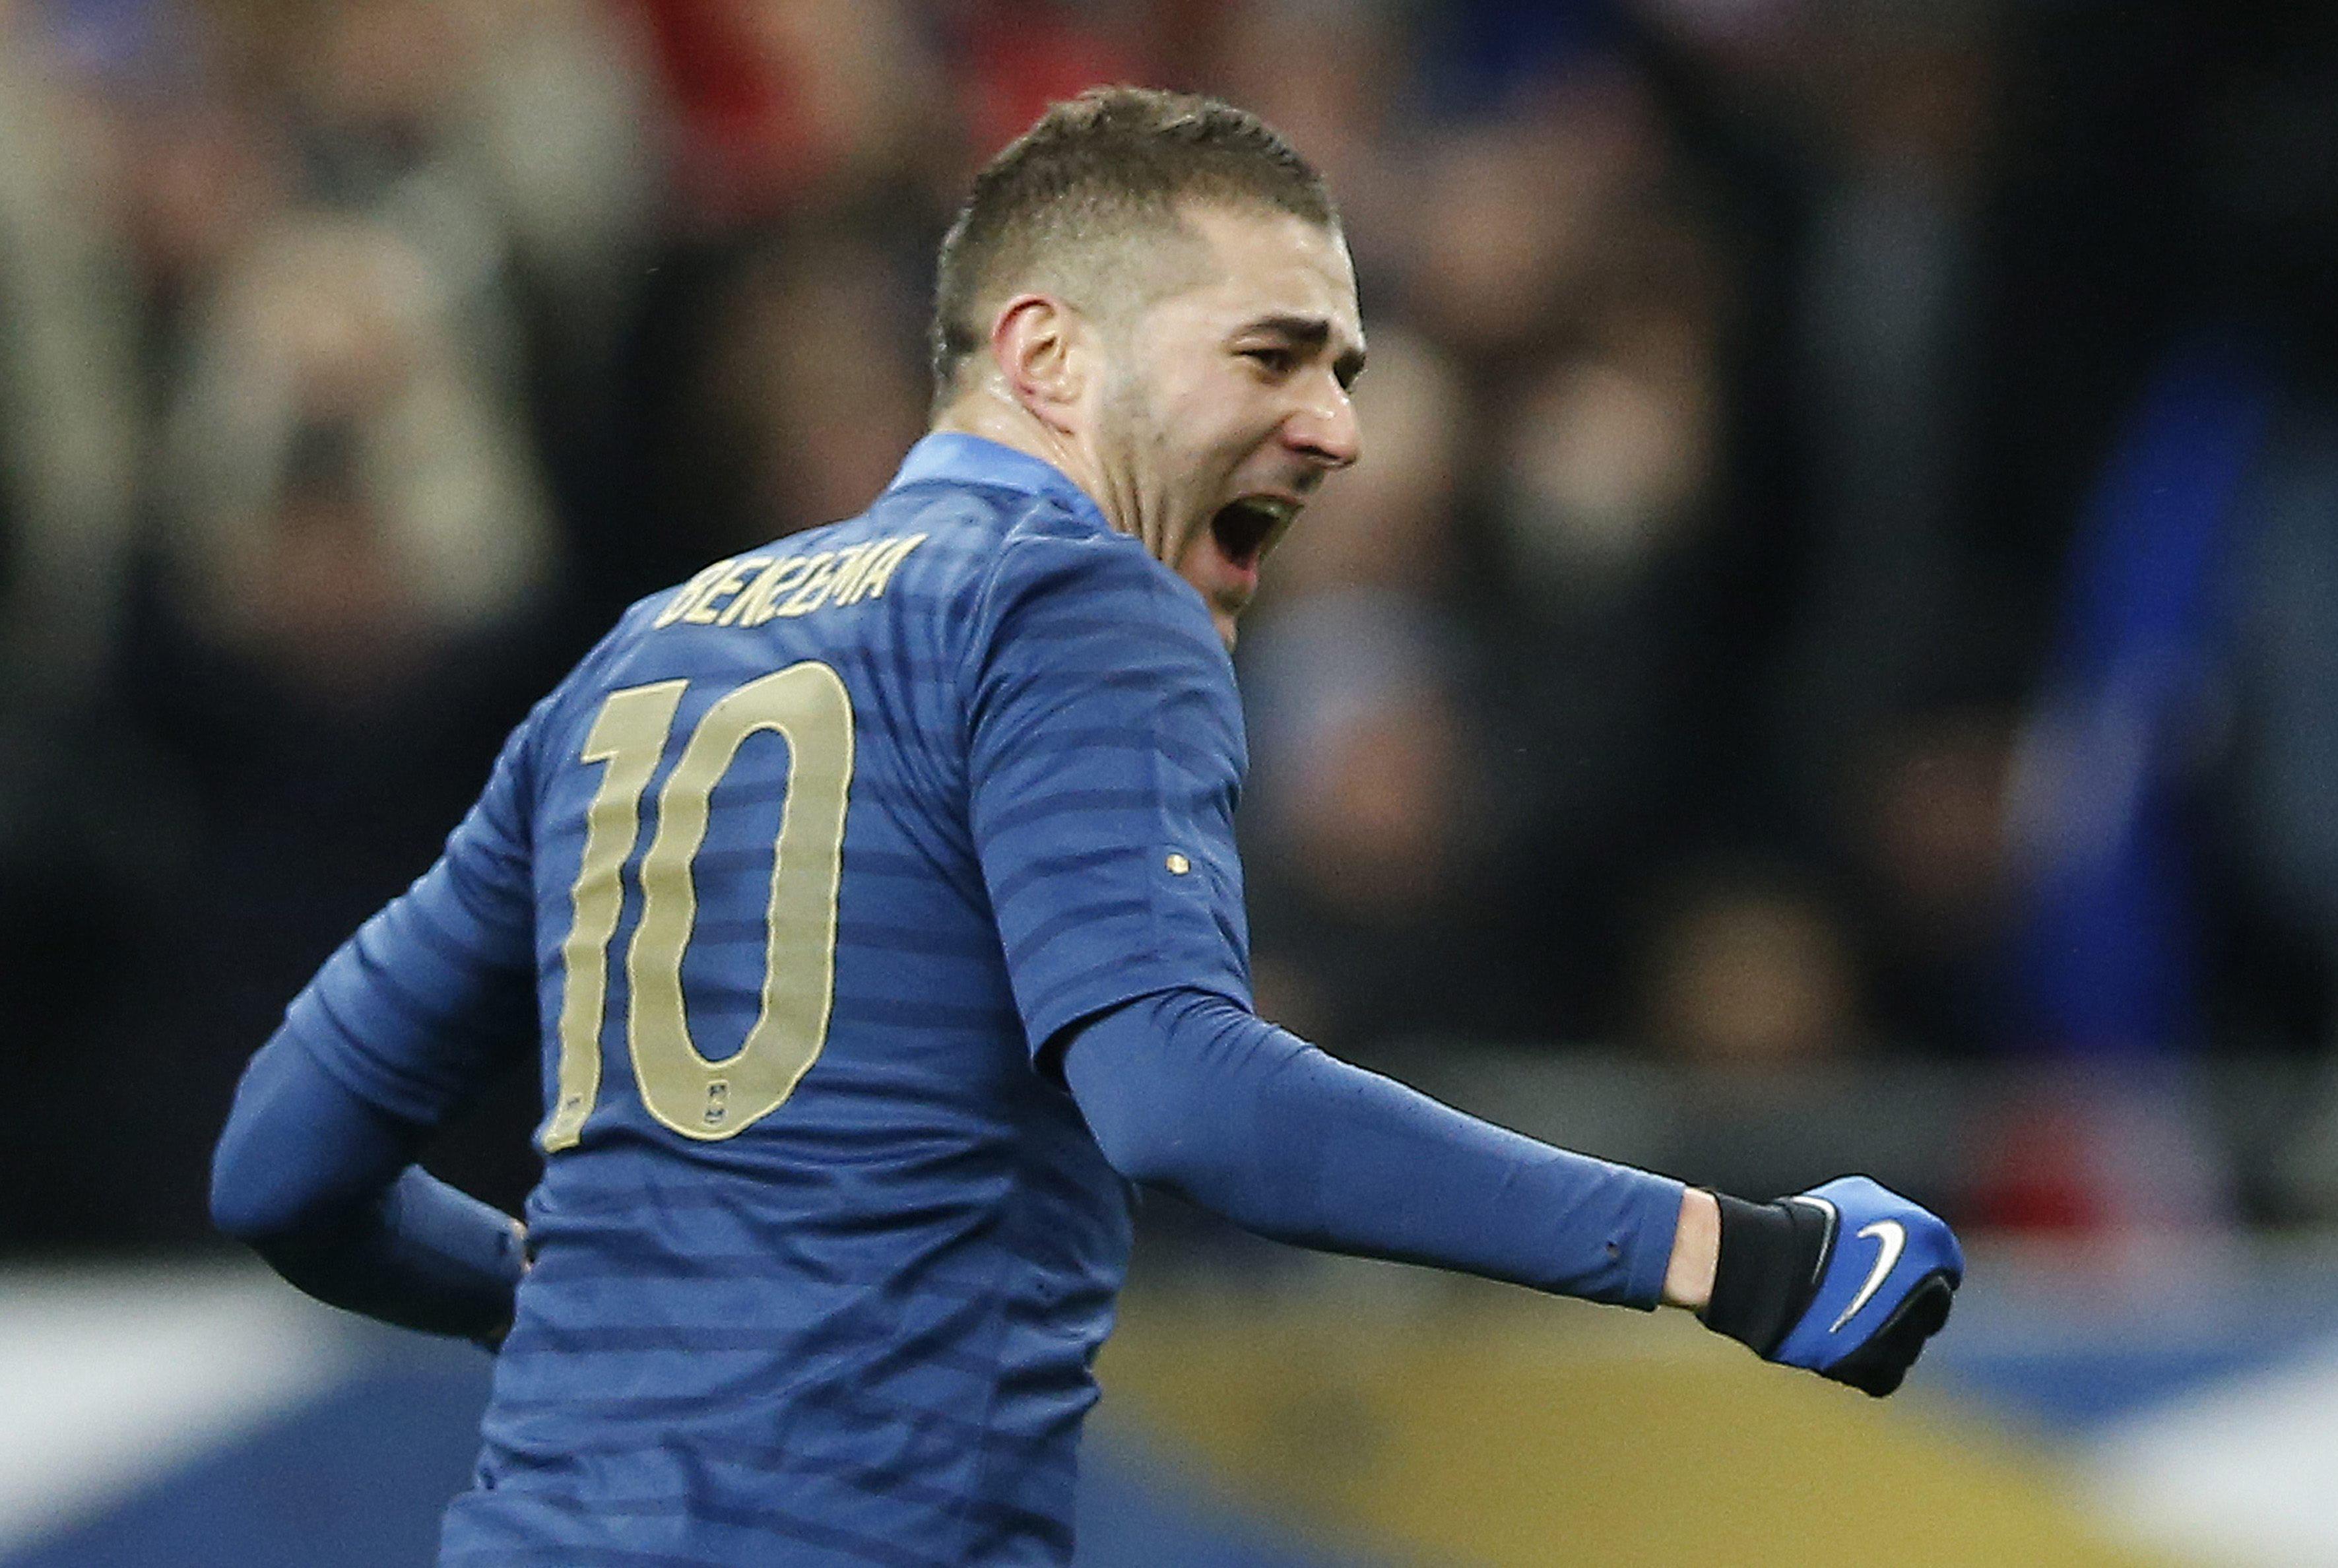 Benzema vuelve a marcar con Francia 1221 minutos después